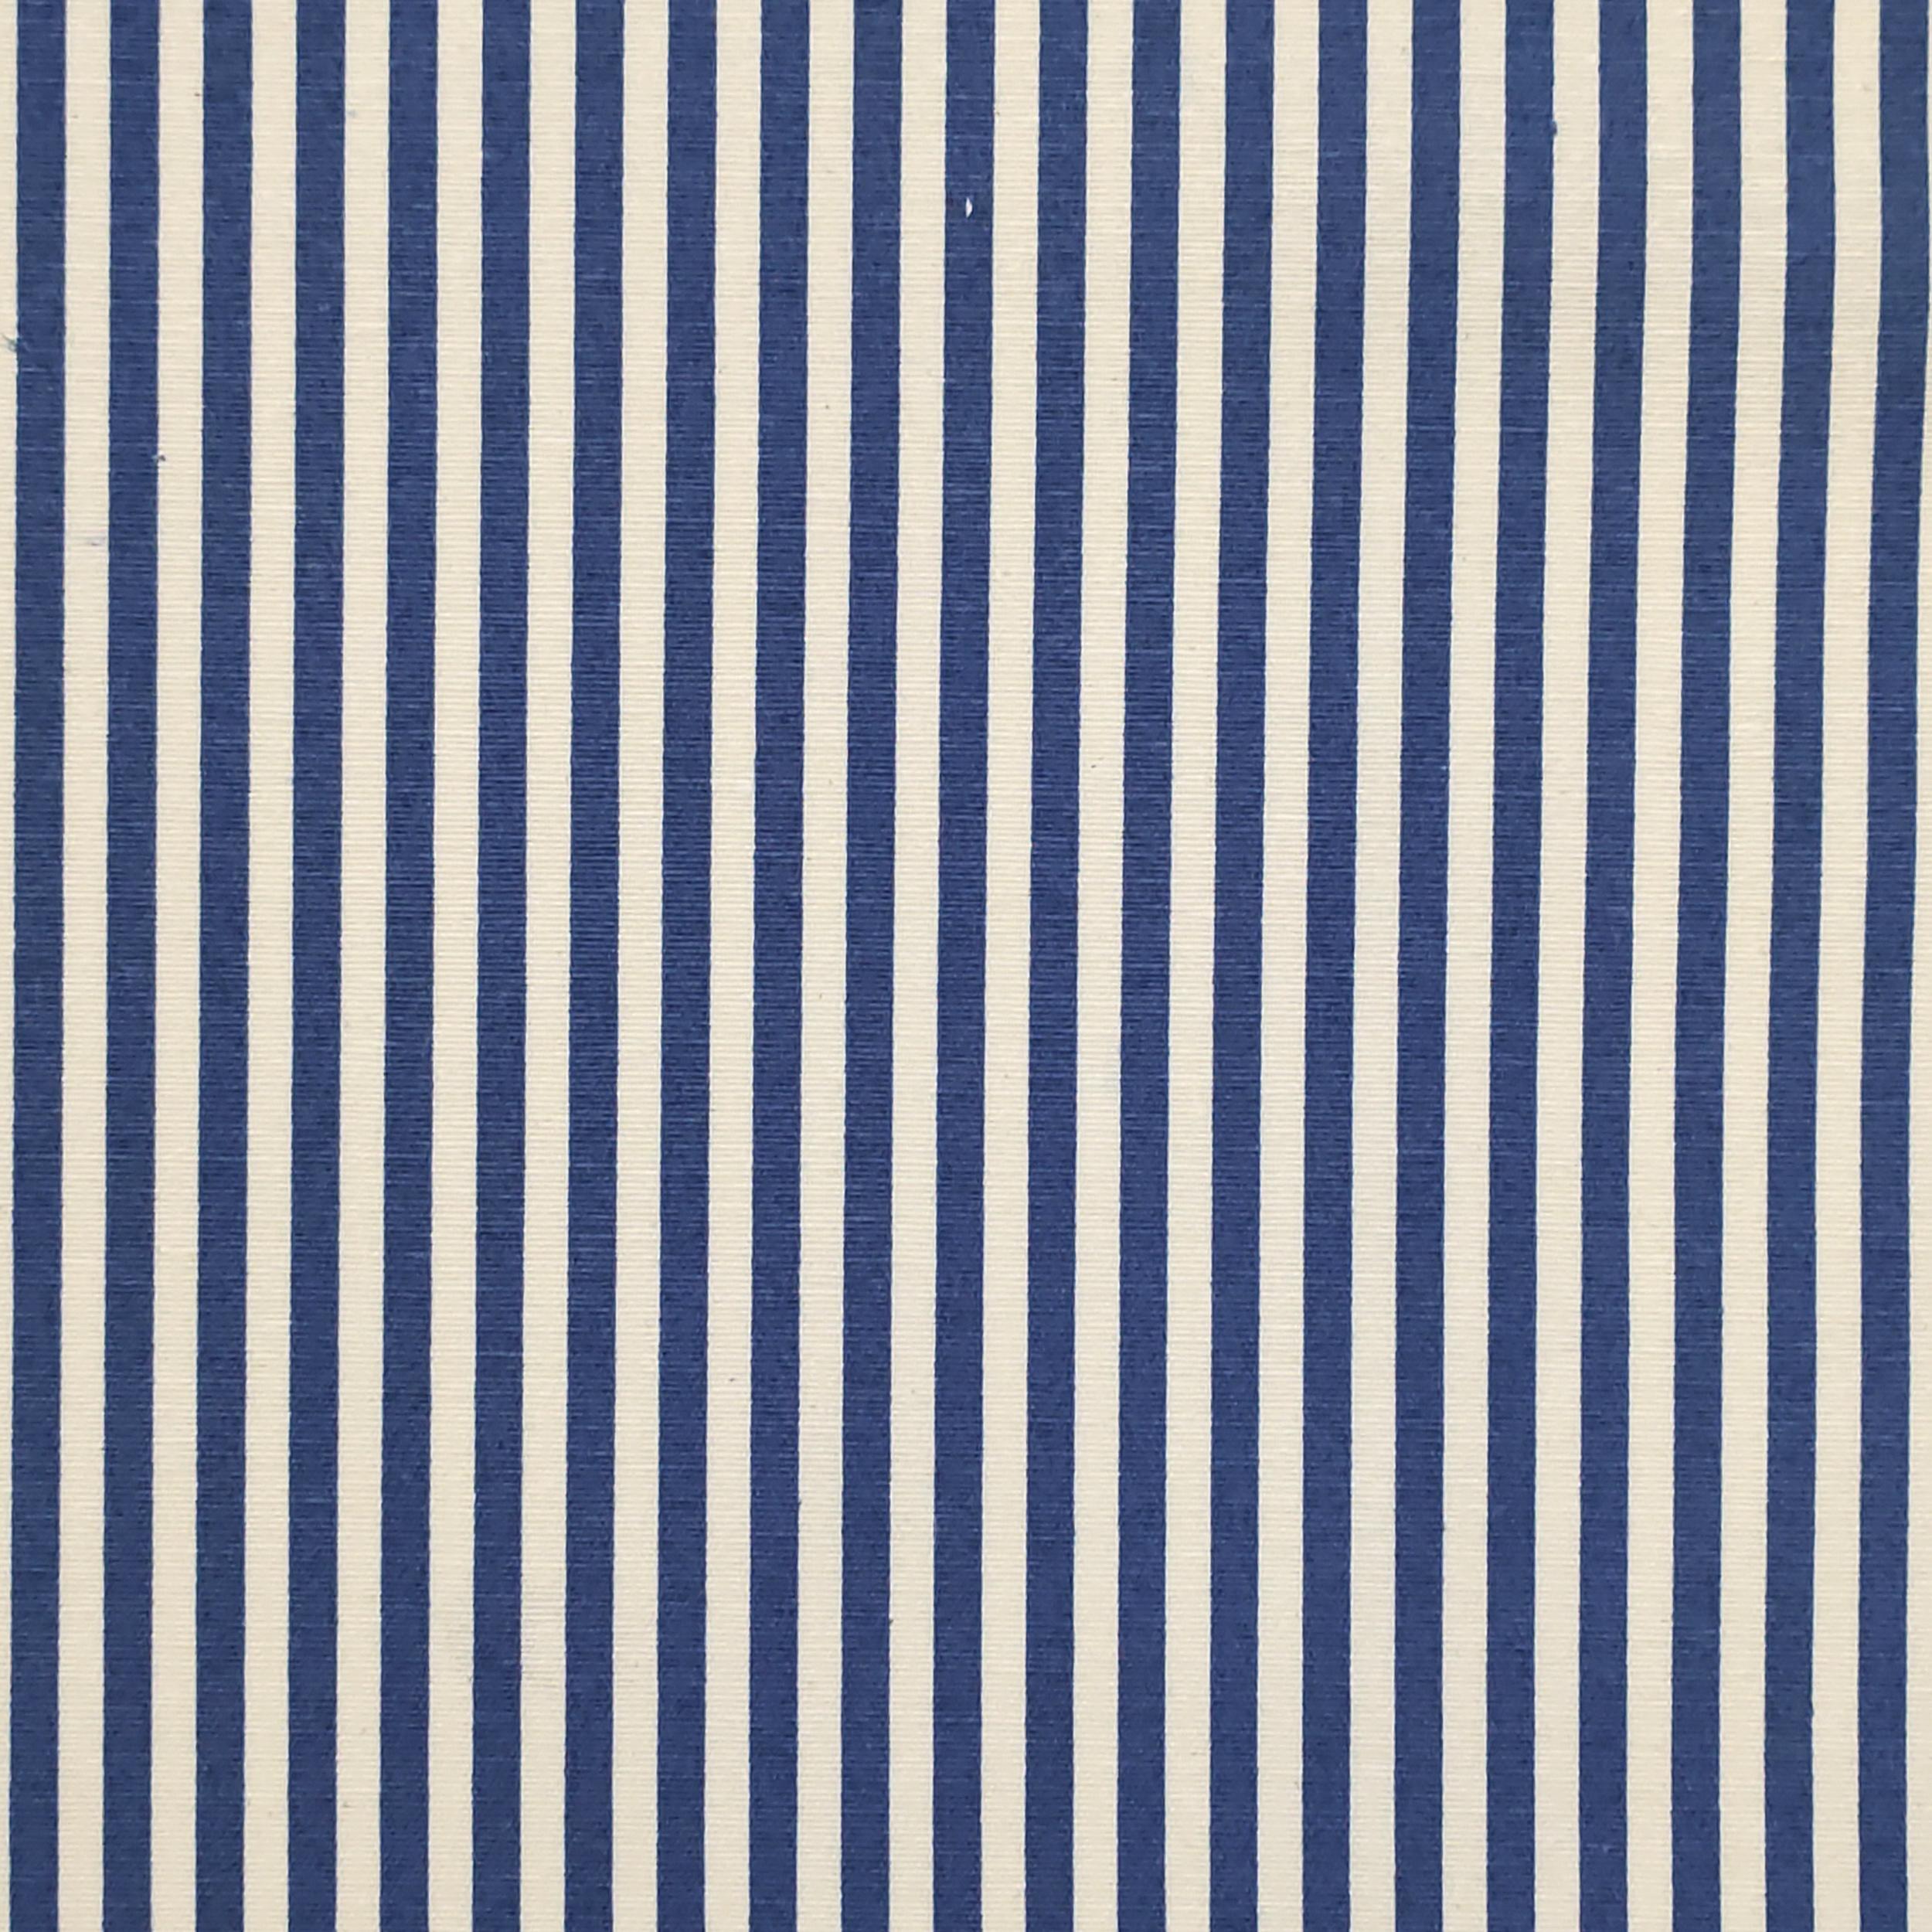 Tessuto Misto Cotone Fantasia Righe Blu